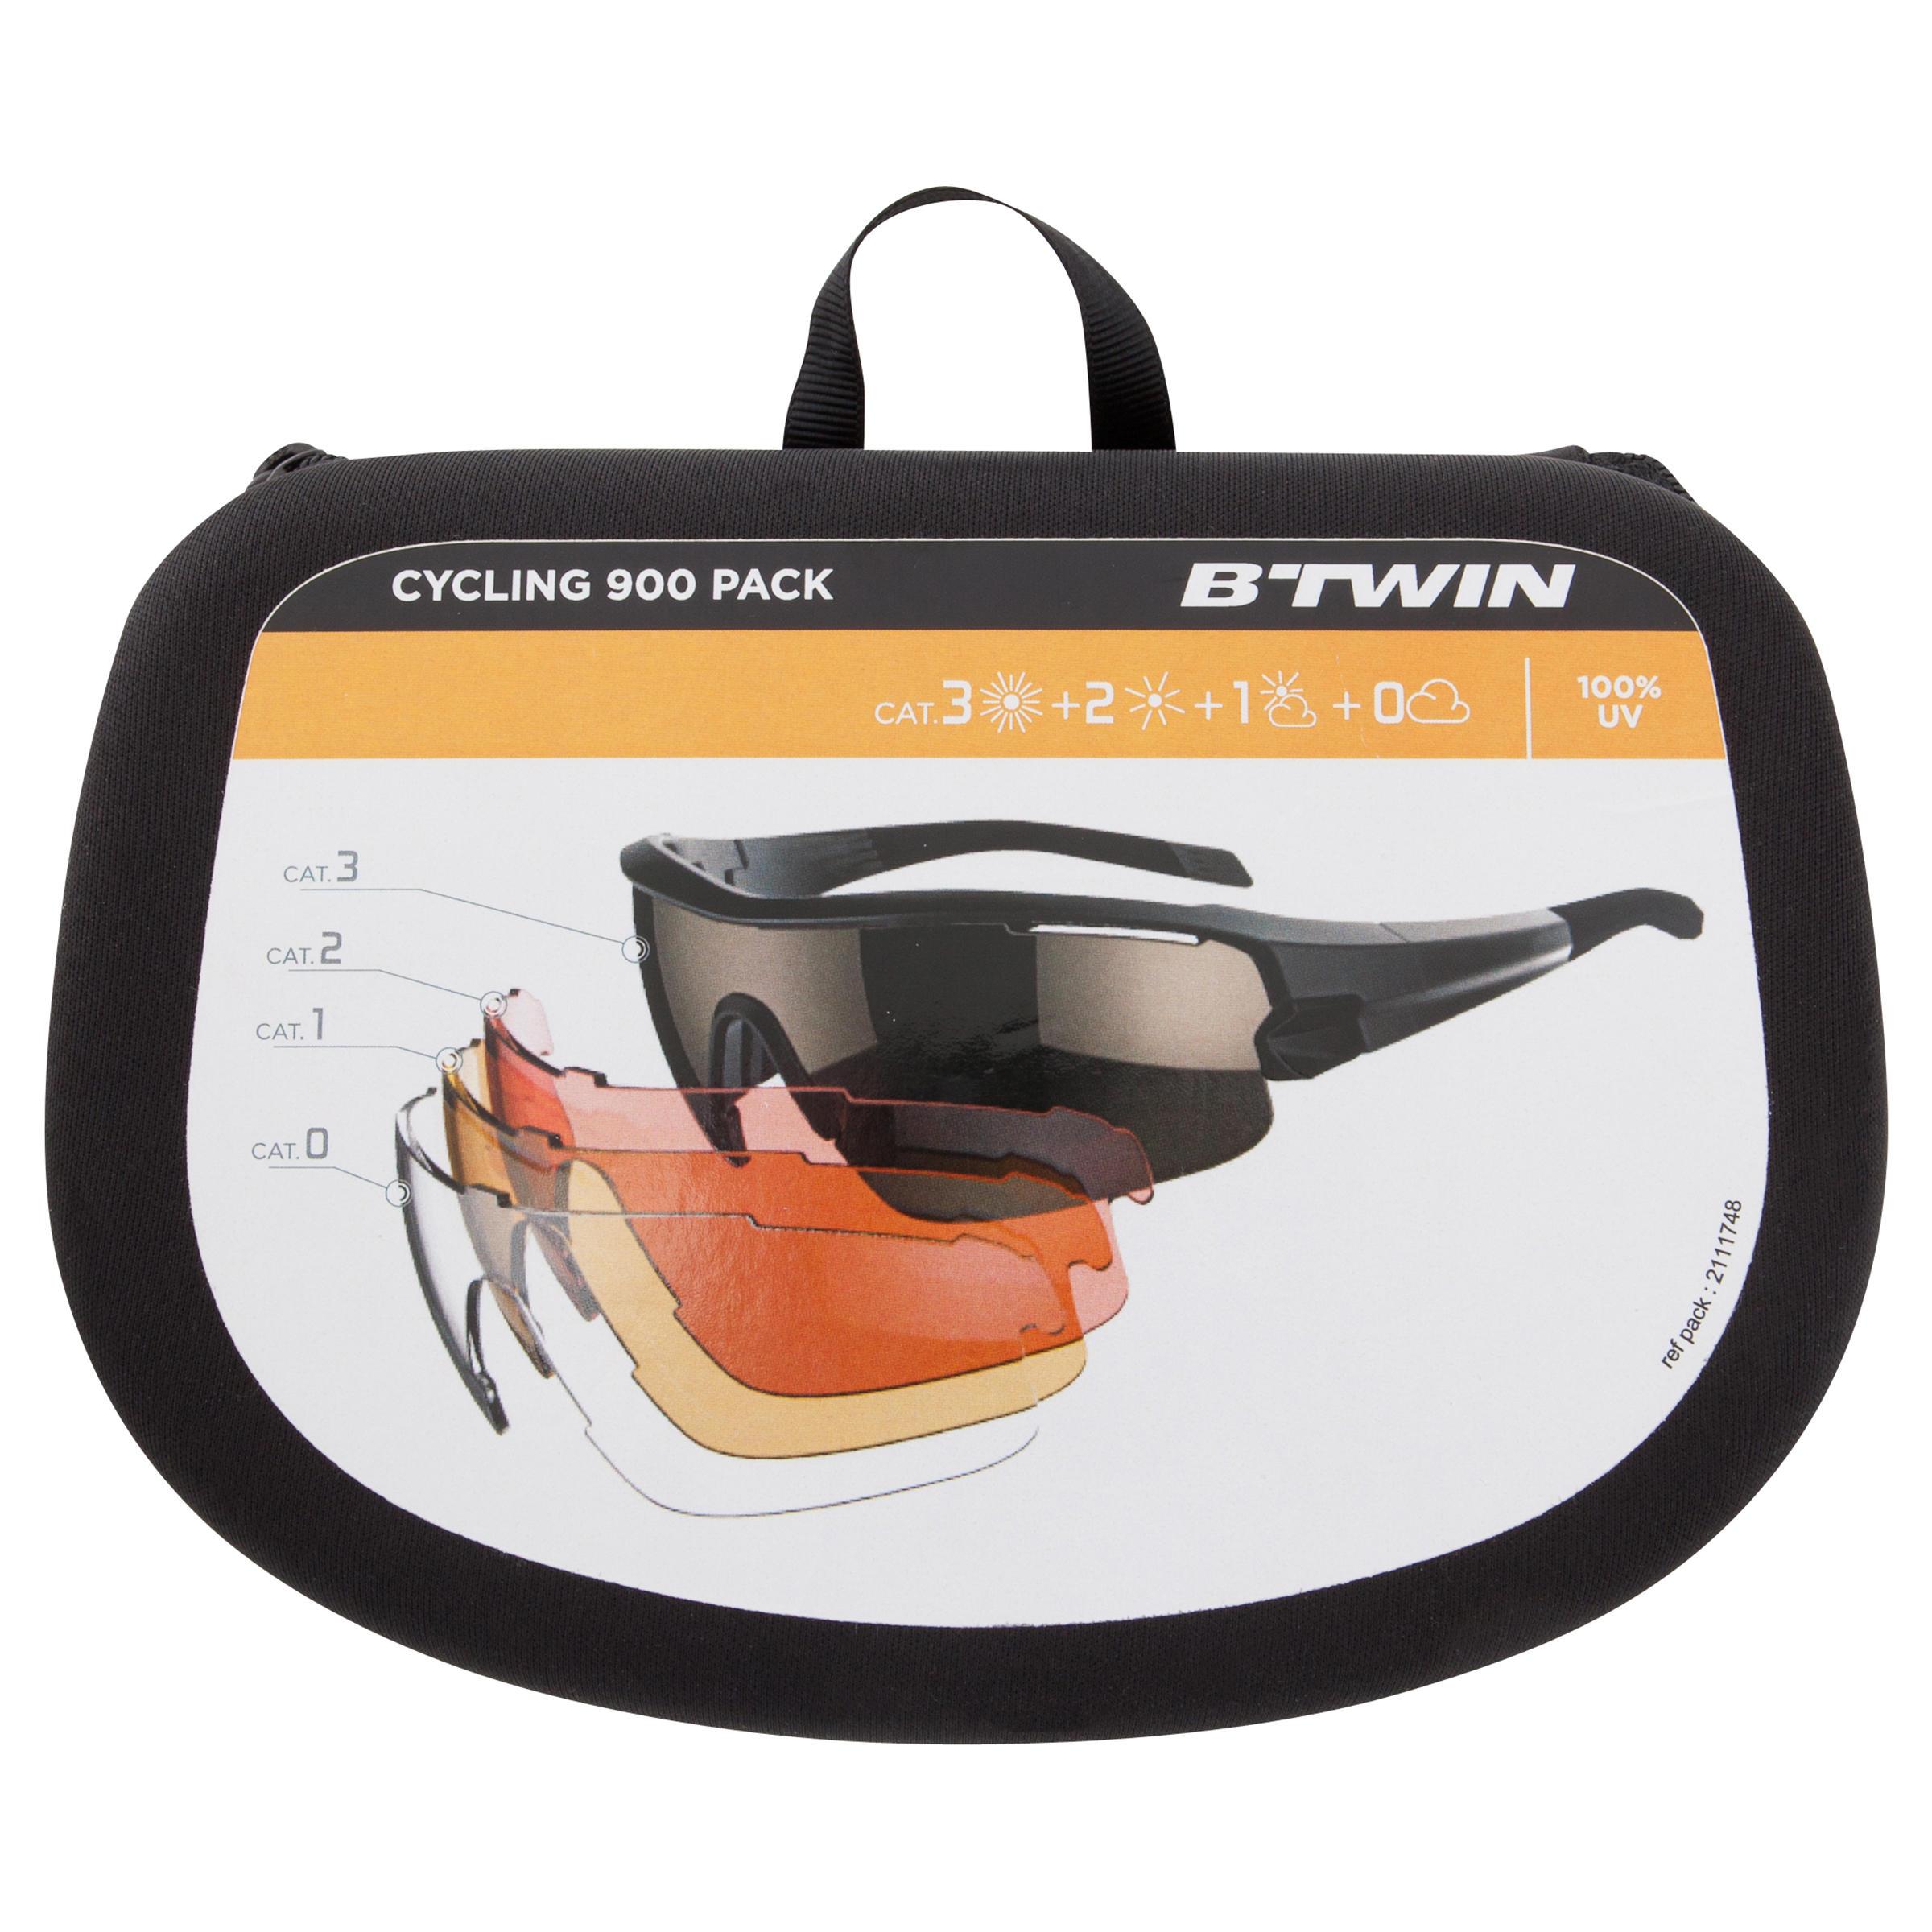 Lunettes de vélo adulte ROADR 900 GREY PACK grises - 4 verres interchangeables